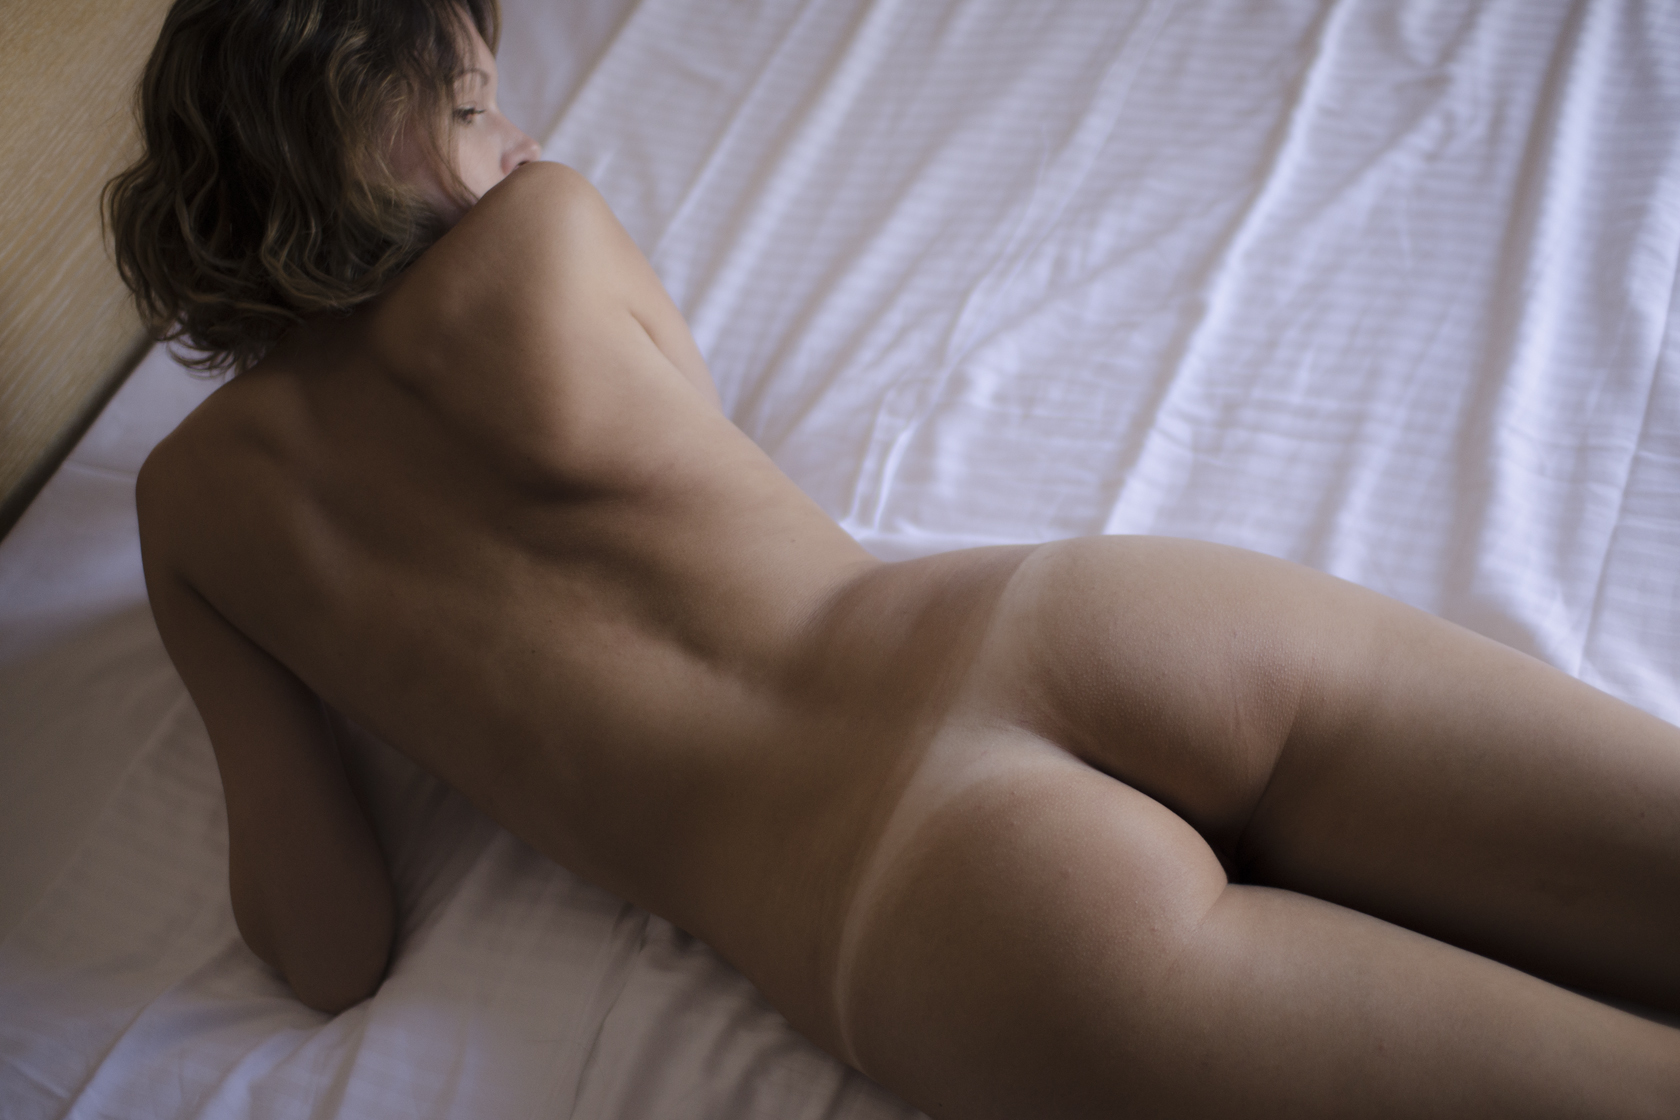 ass-nude-girls-buttocks-mix-vol6-33